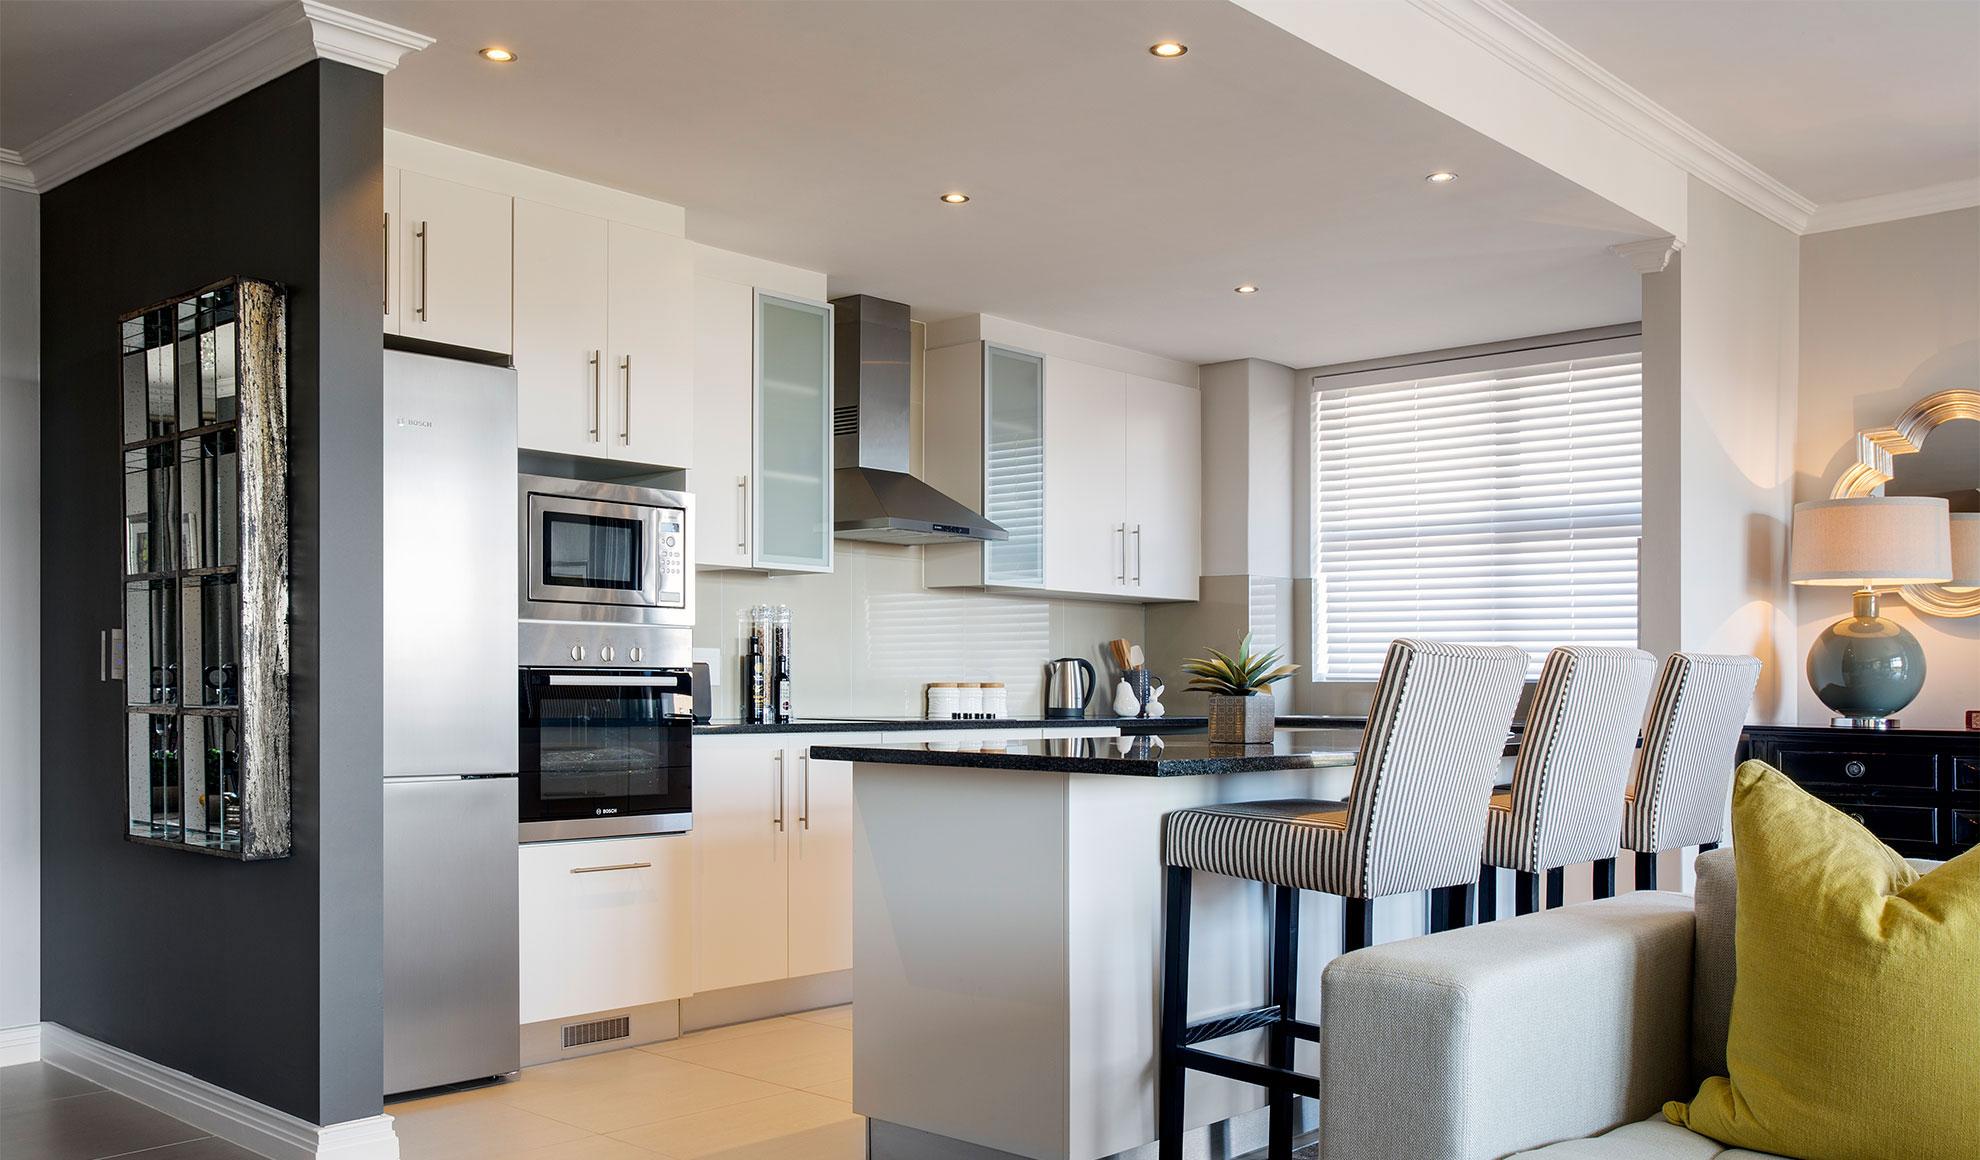 oasis retirement resort. Black Bedroom Furniture Sets. Home Design Ideas